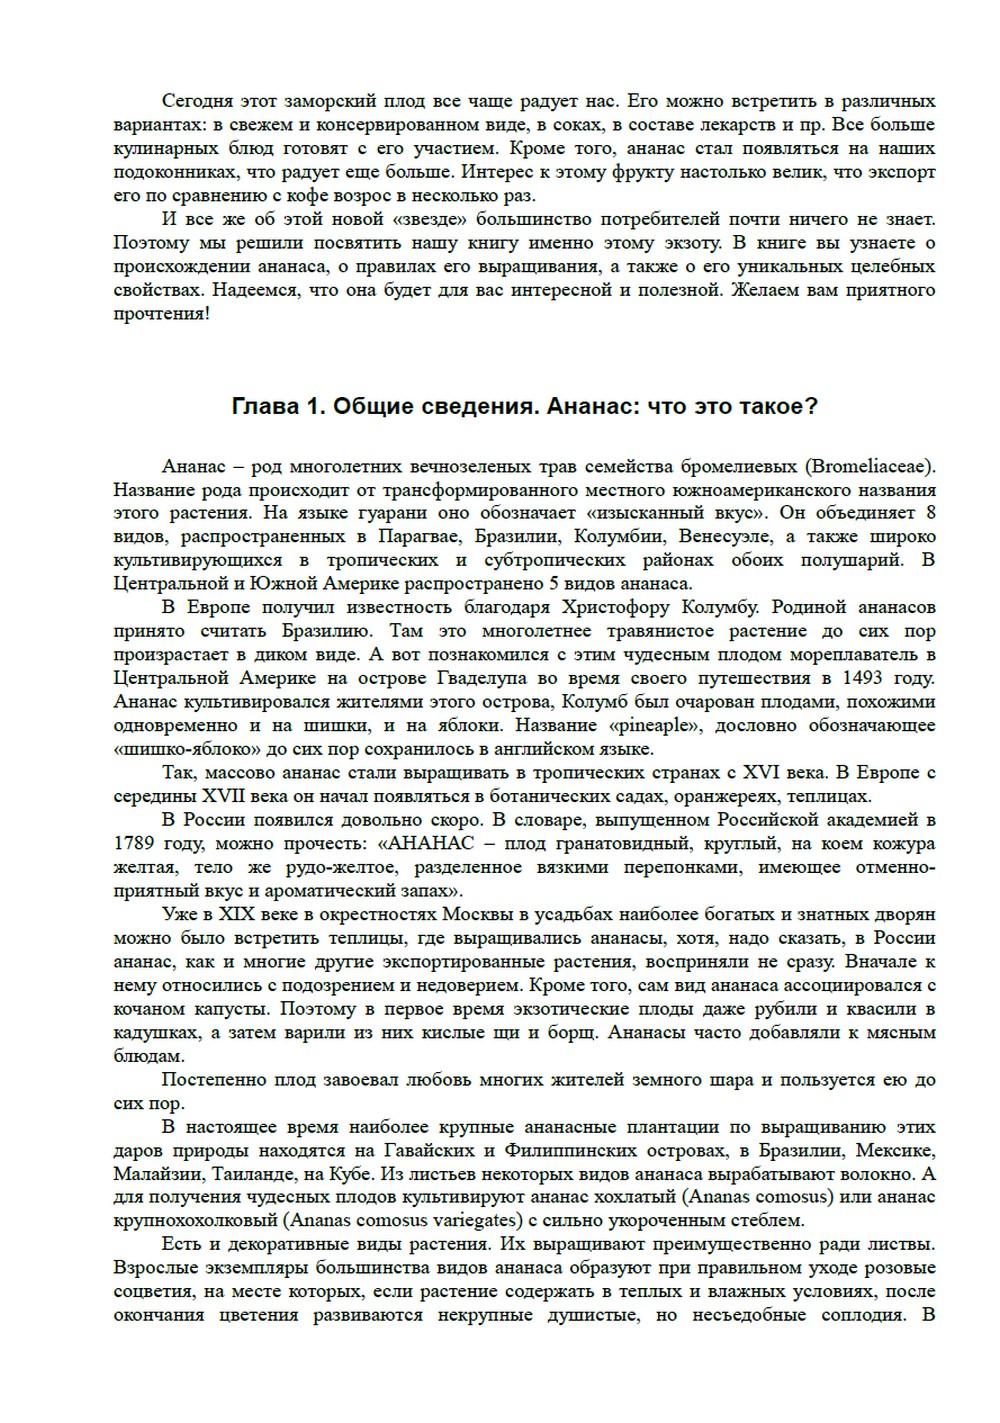 http://i6.imageban.ru/out/2013/12/08/642db477d7d4ac5ecd1226846a61eade.jpg